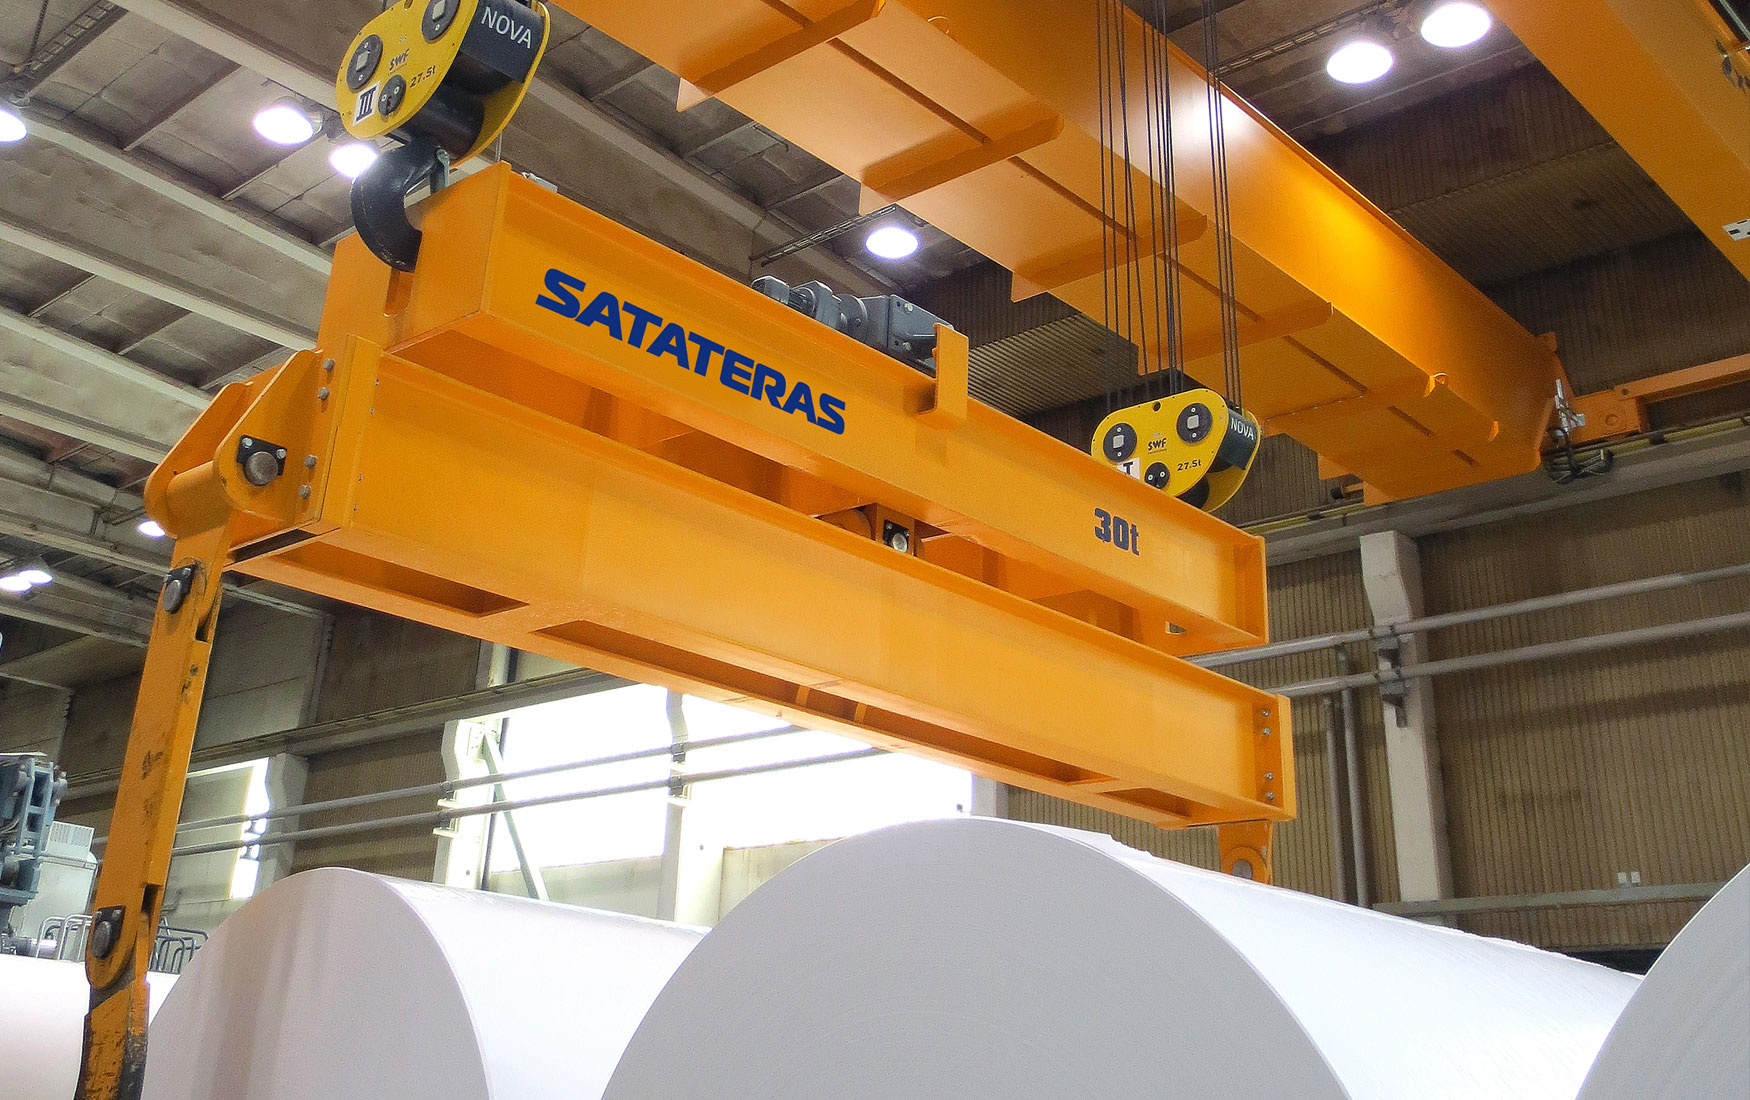 teollisuus-metalliteollisuus-teollisuuden-nostoapuvalineet-satateras_3